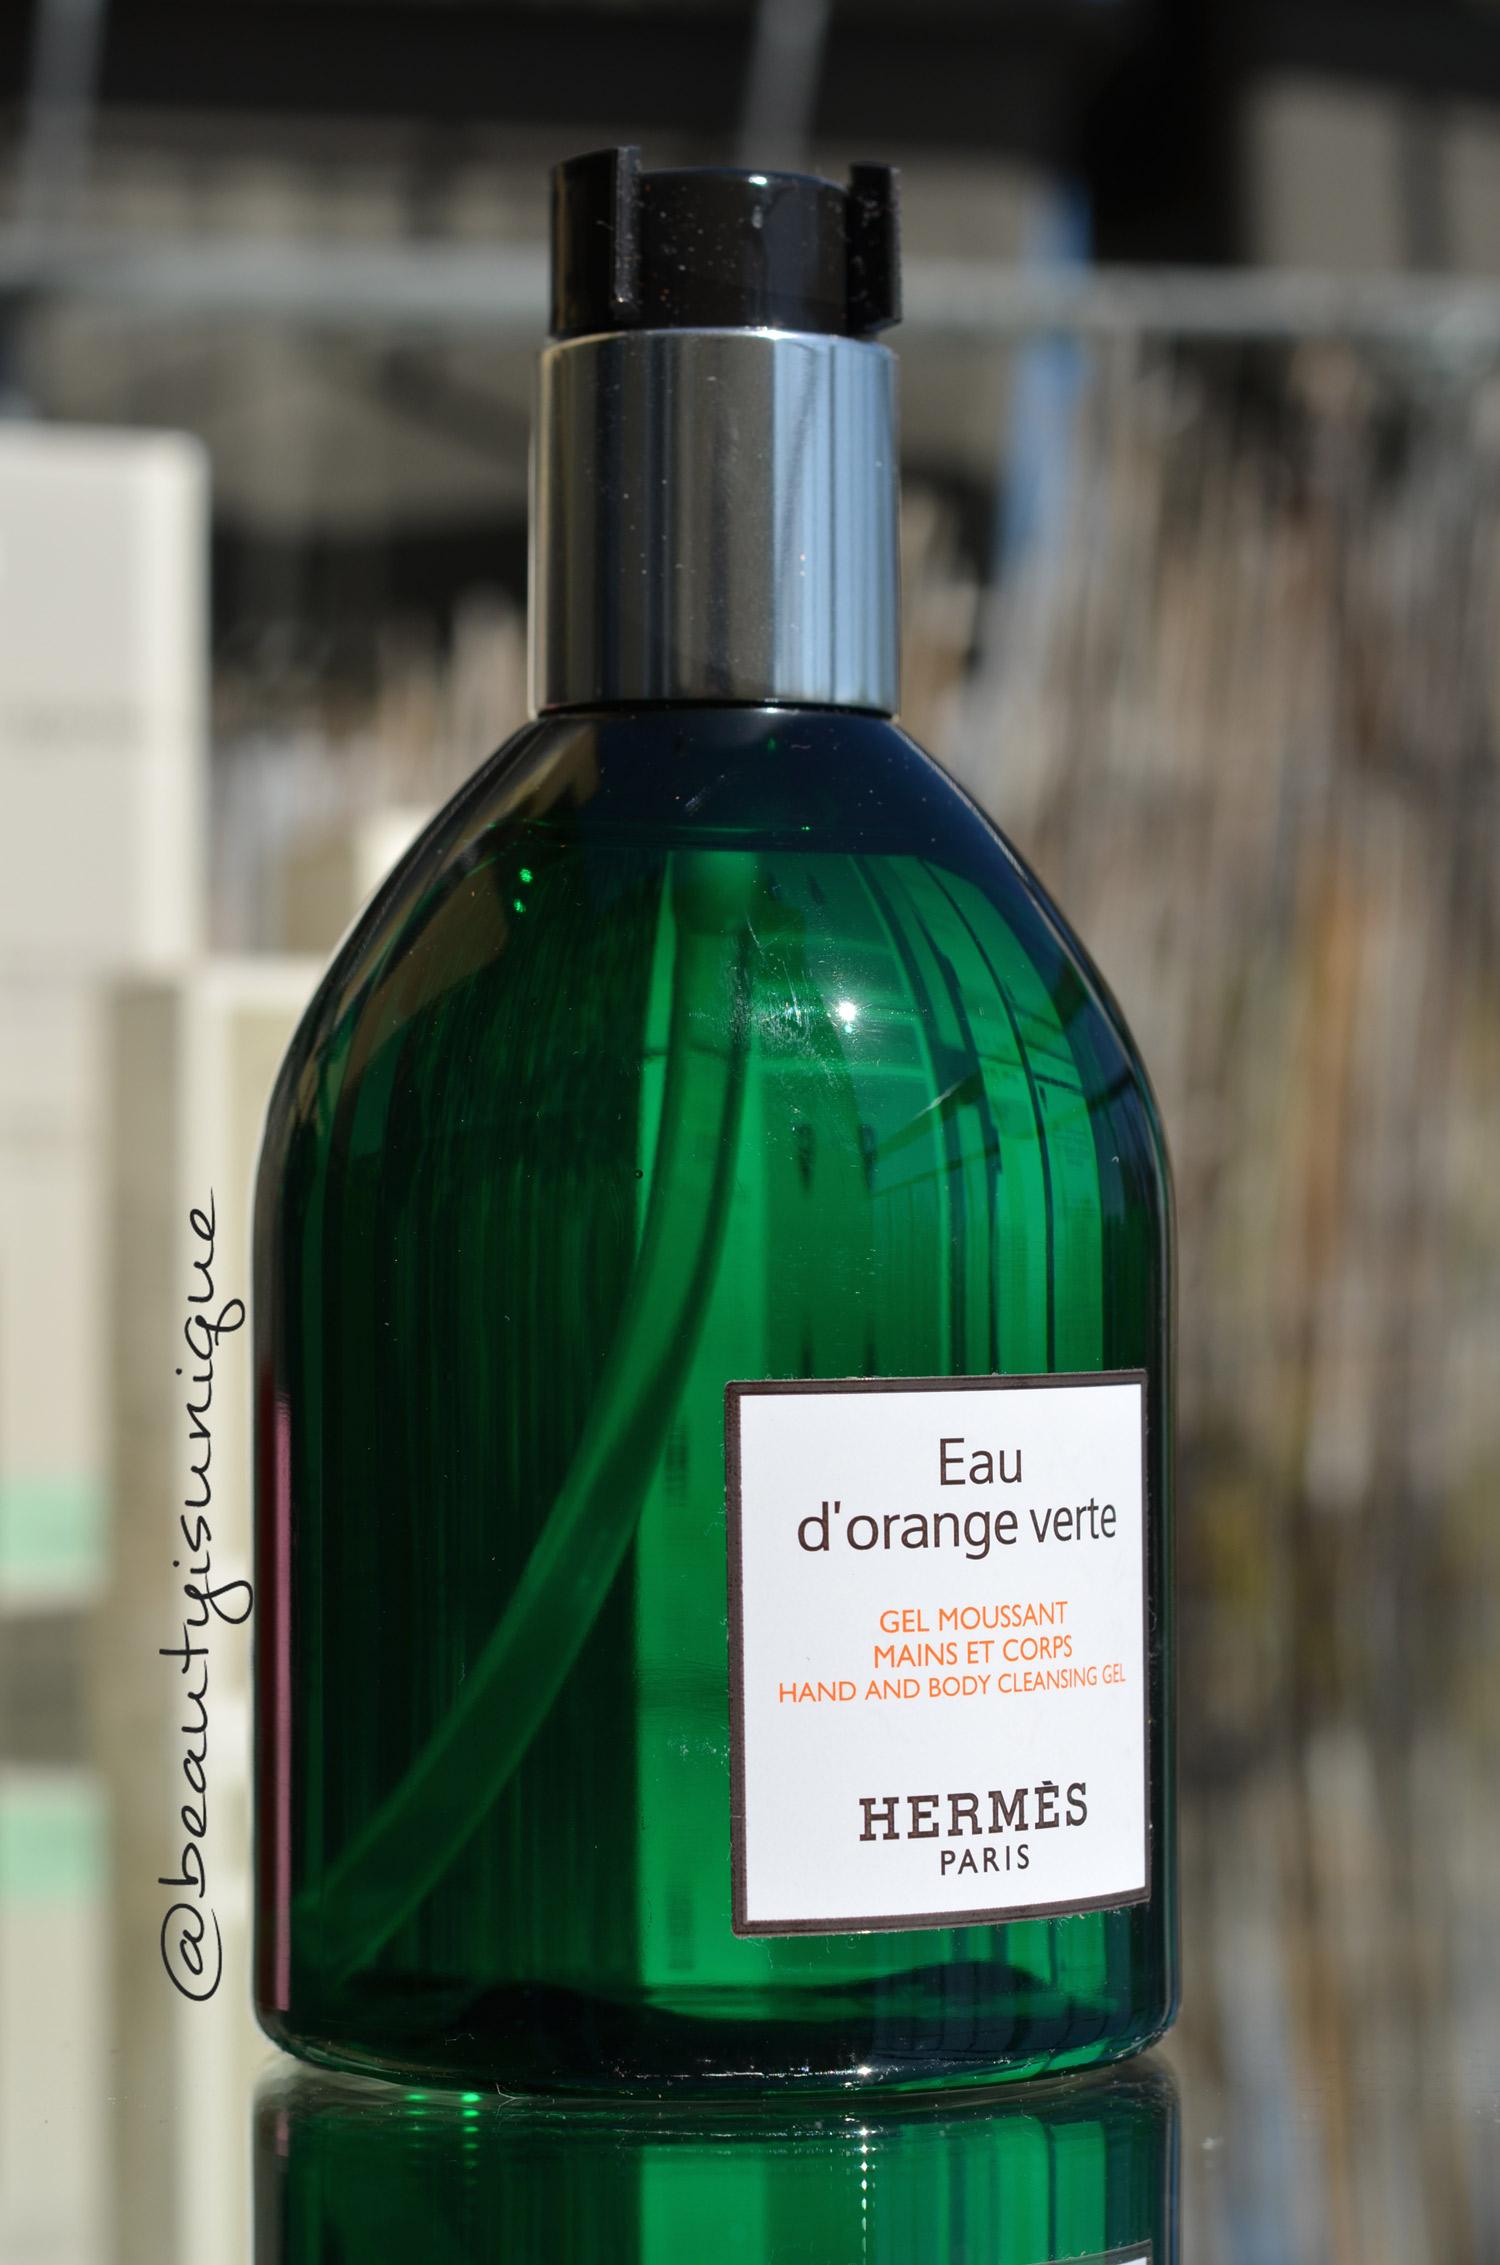 hermes eau d orange verte beauty is unique. Black Bedroom Furniture Sets. Home Design Ideas